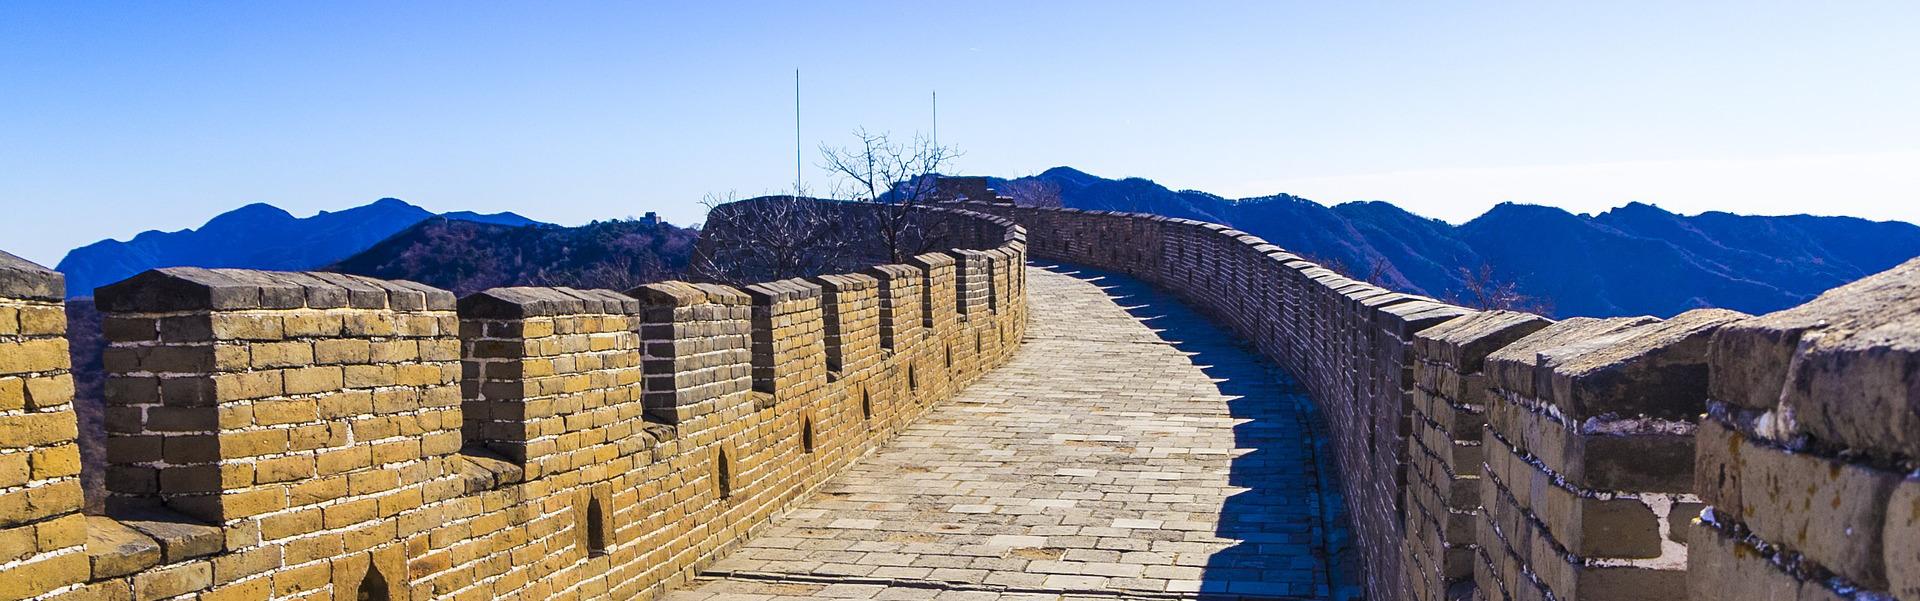 china-2097075_1920.jpg